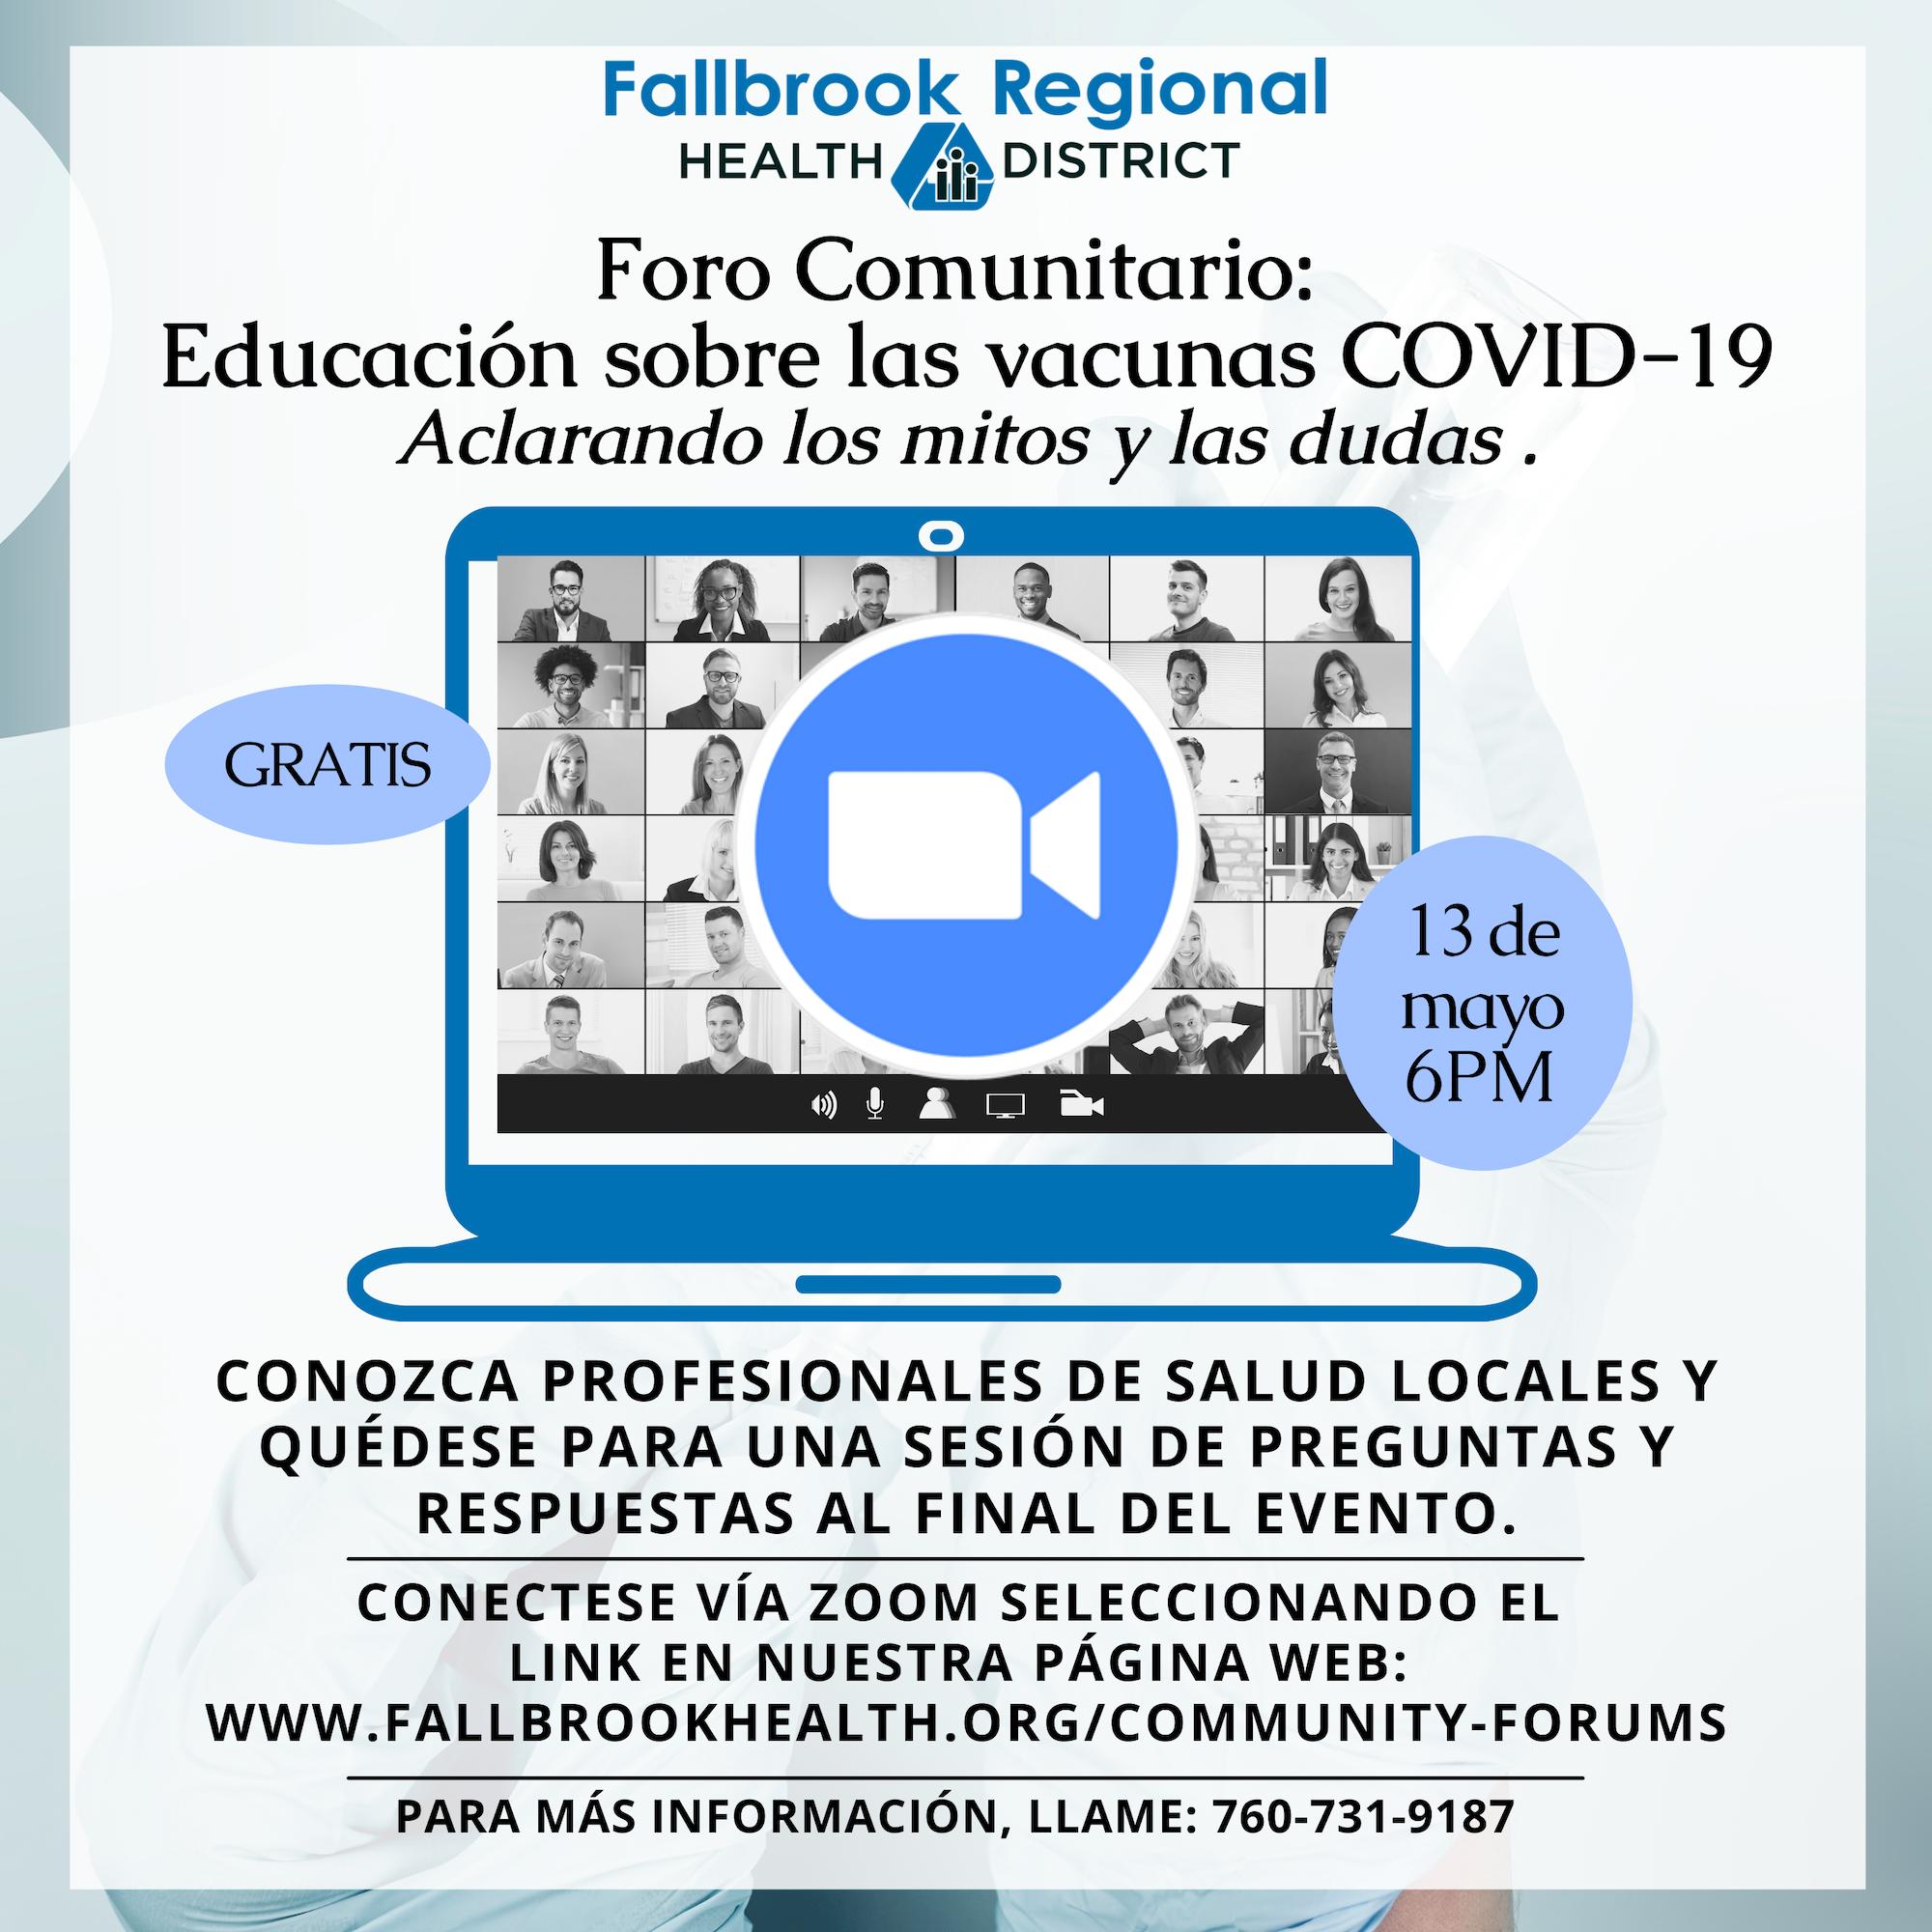 Foro Comunitario: Educación sobre las vacunas COVID-19(Aclarando los mitos y las dudas)13 de mayo del 2021, 6:00 PM  Enlace para la junta de Zoom:  https://us02web.zoom.us/j/88084871943?pwd=UGpnbjYvbXk5MVBTT2p5NVBYRHJxZz09  ID para la Junta: 880 8487 1943  Código:307255